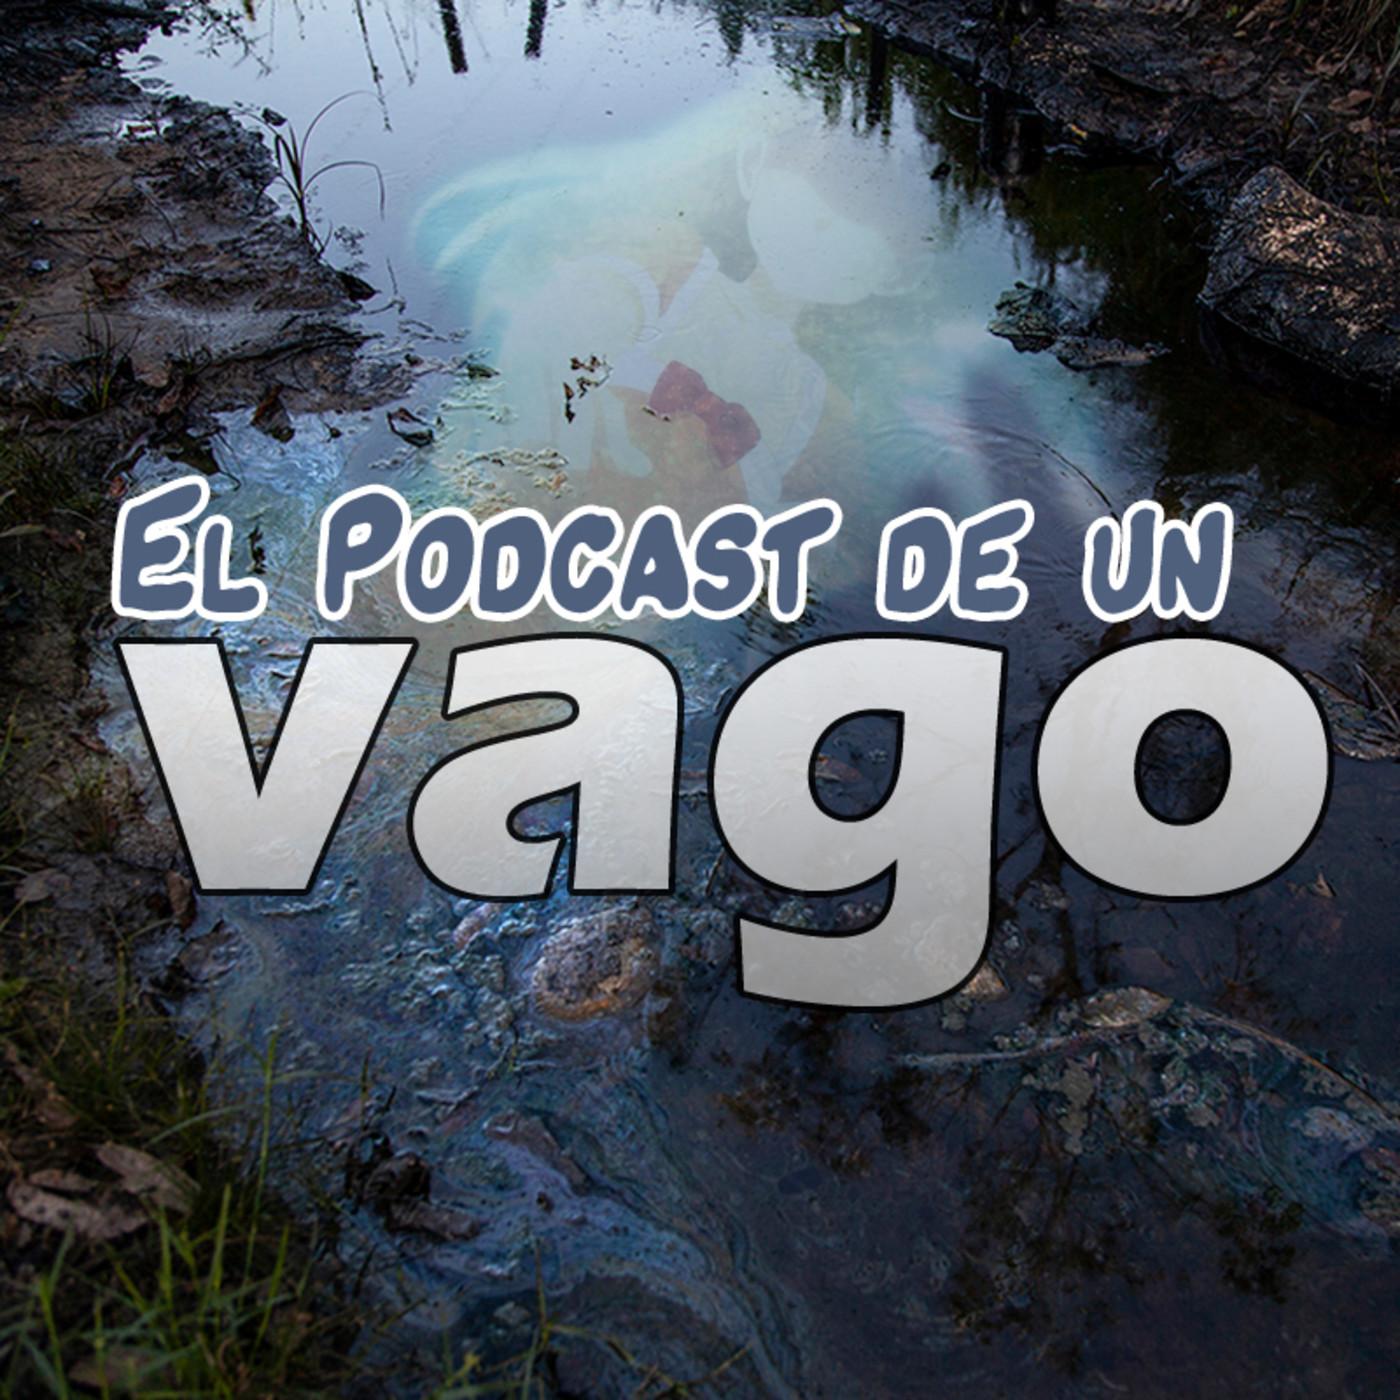 VagoPodcast #60: 1 + 2 = Anécdotas Extrañas y Paranormales y conociendo a las Tepas